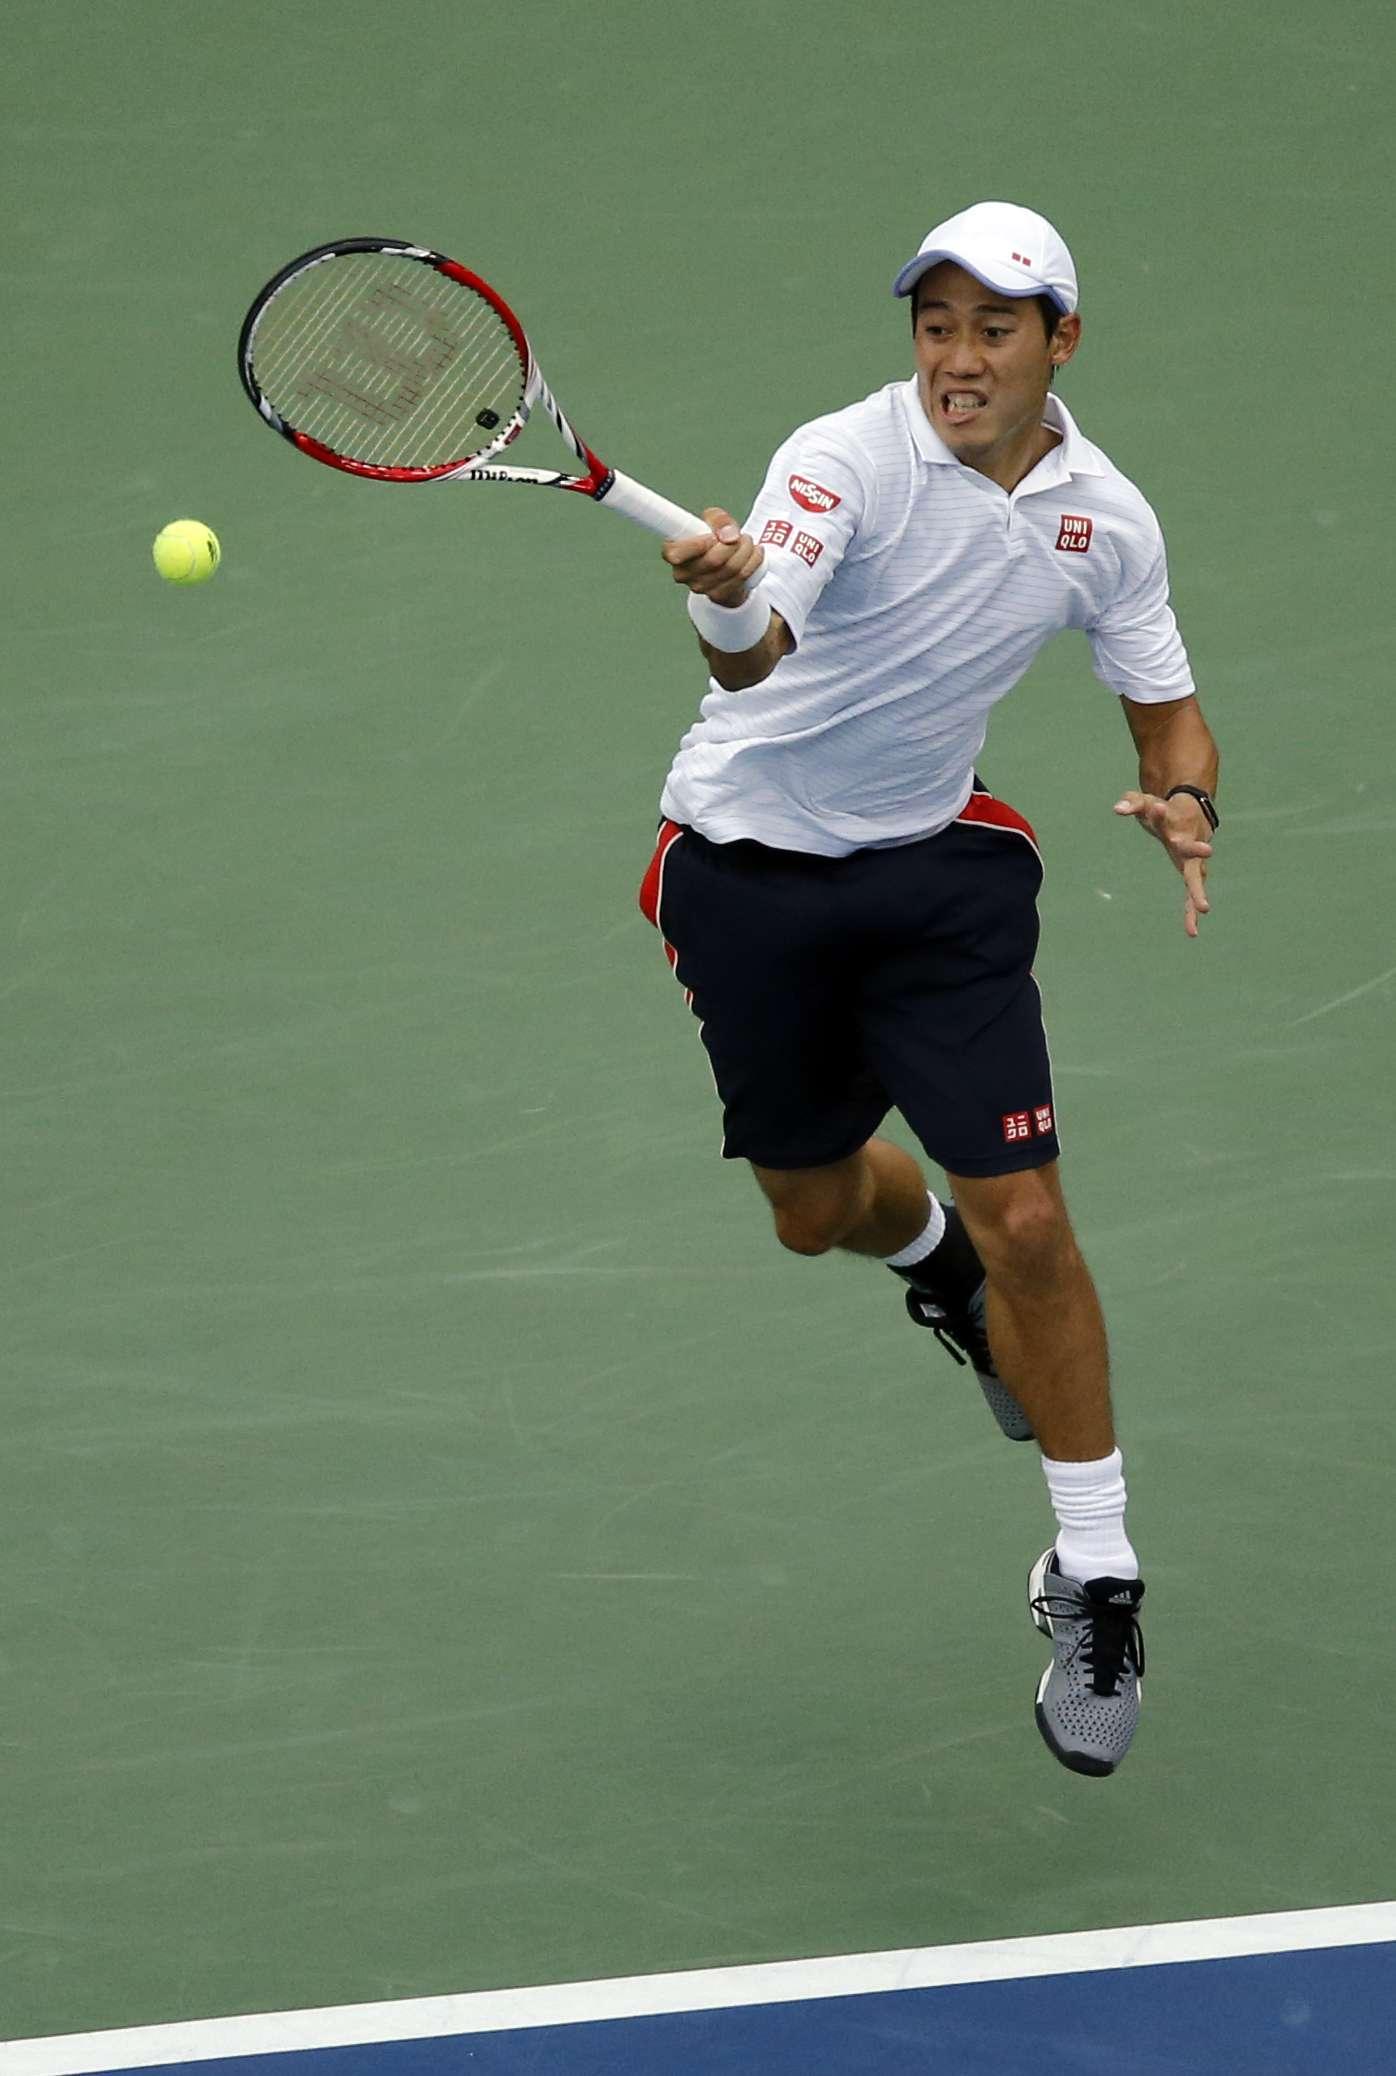 El croata Marin Cilic y el japonés Kei Nishikori se disputan el título del US Open, último Grand Slam del año 2014, en Nueya York Foto: AFP en español